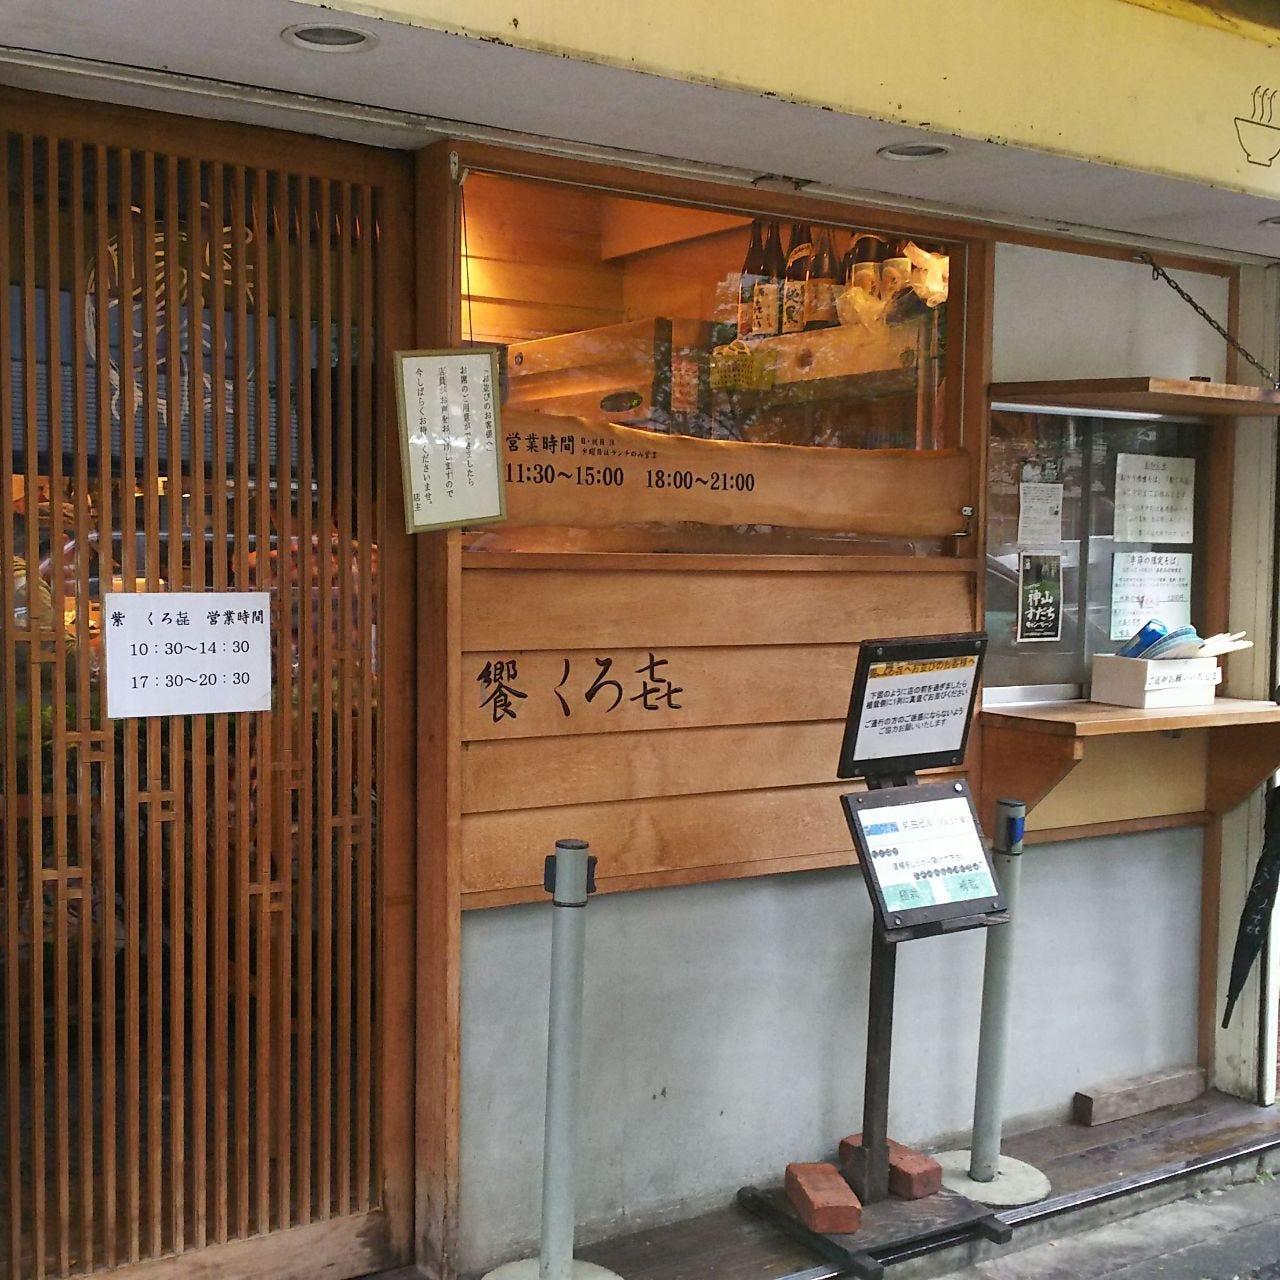 落ち着いた雰囲気が素敵!浅草橋のランチが人気のお店7選の画像